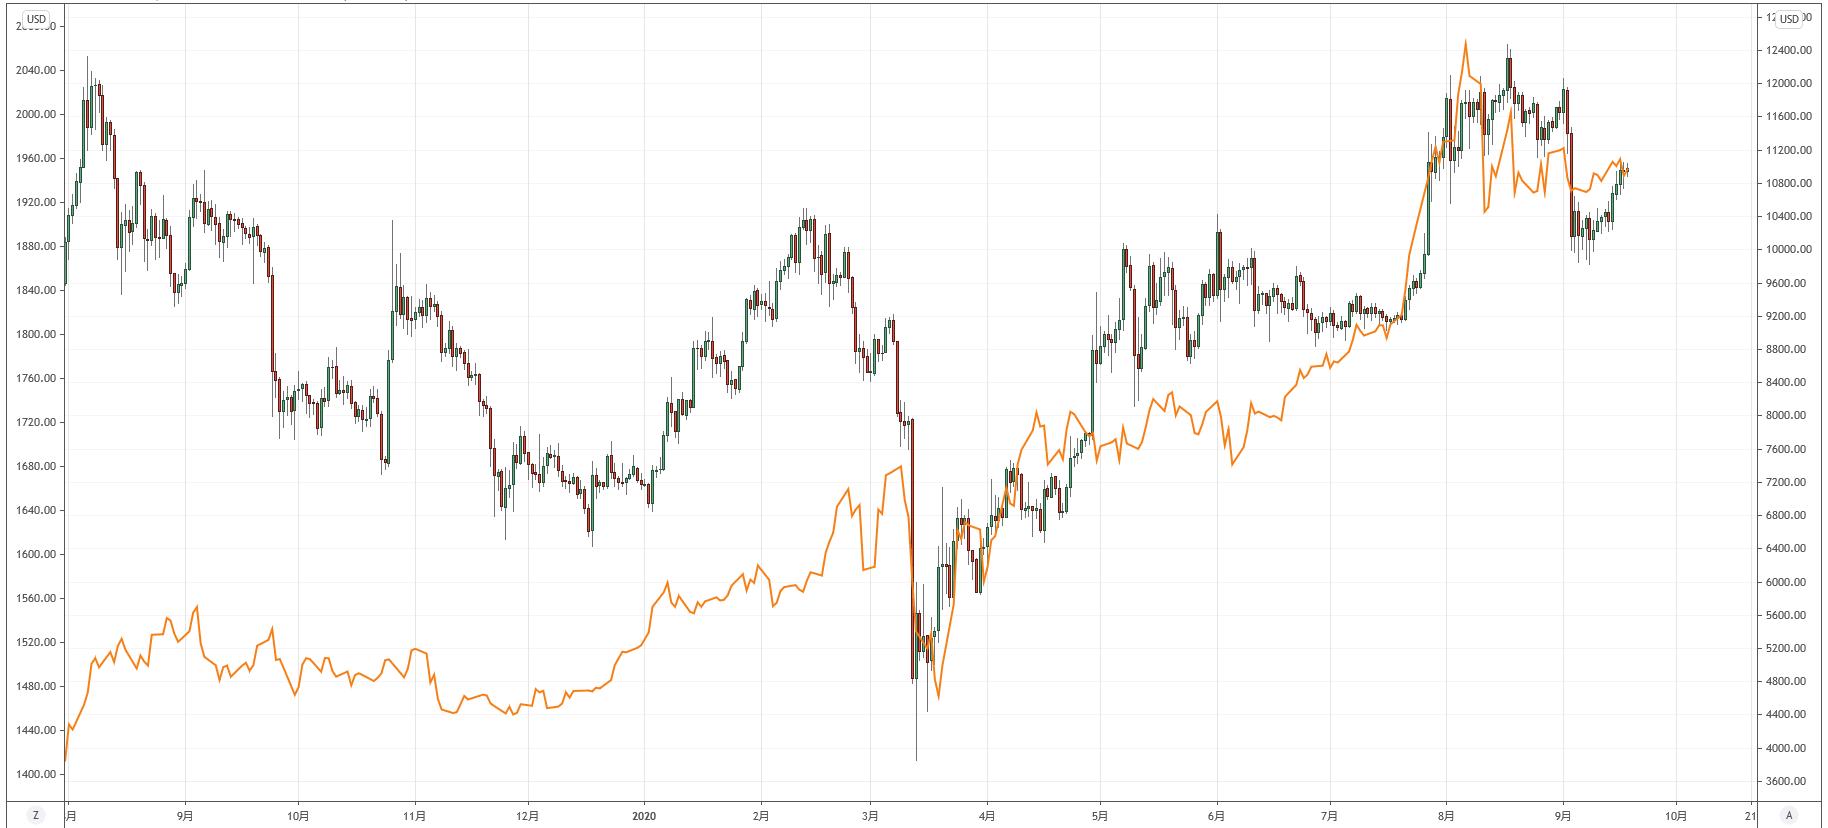 ゴールドとビットコインの比較チャート